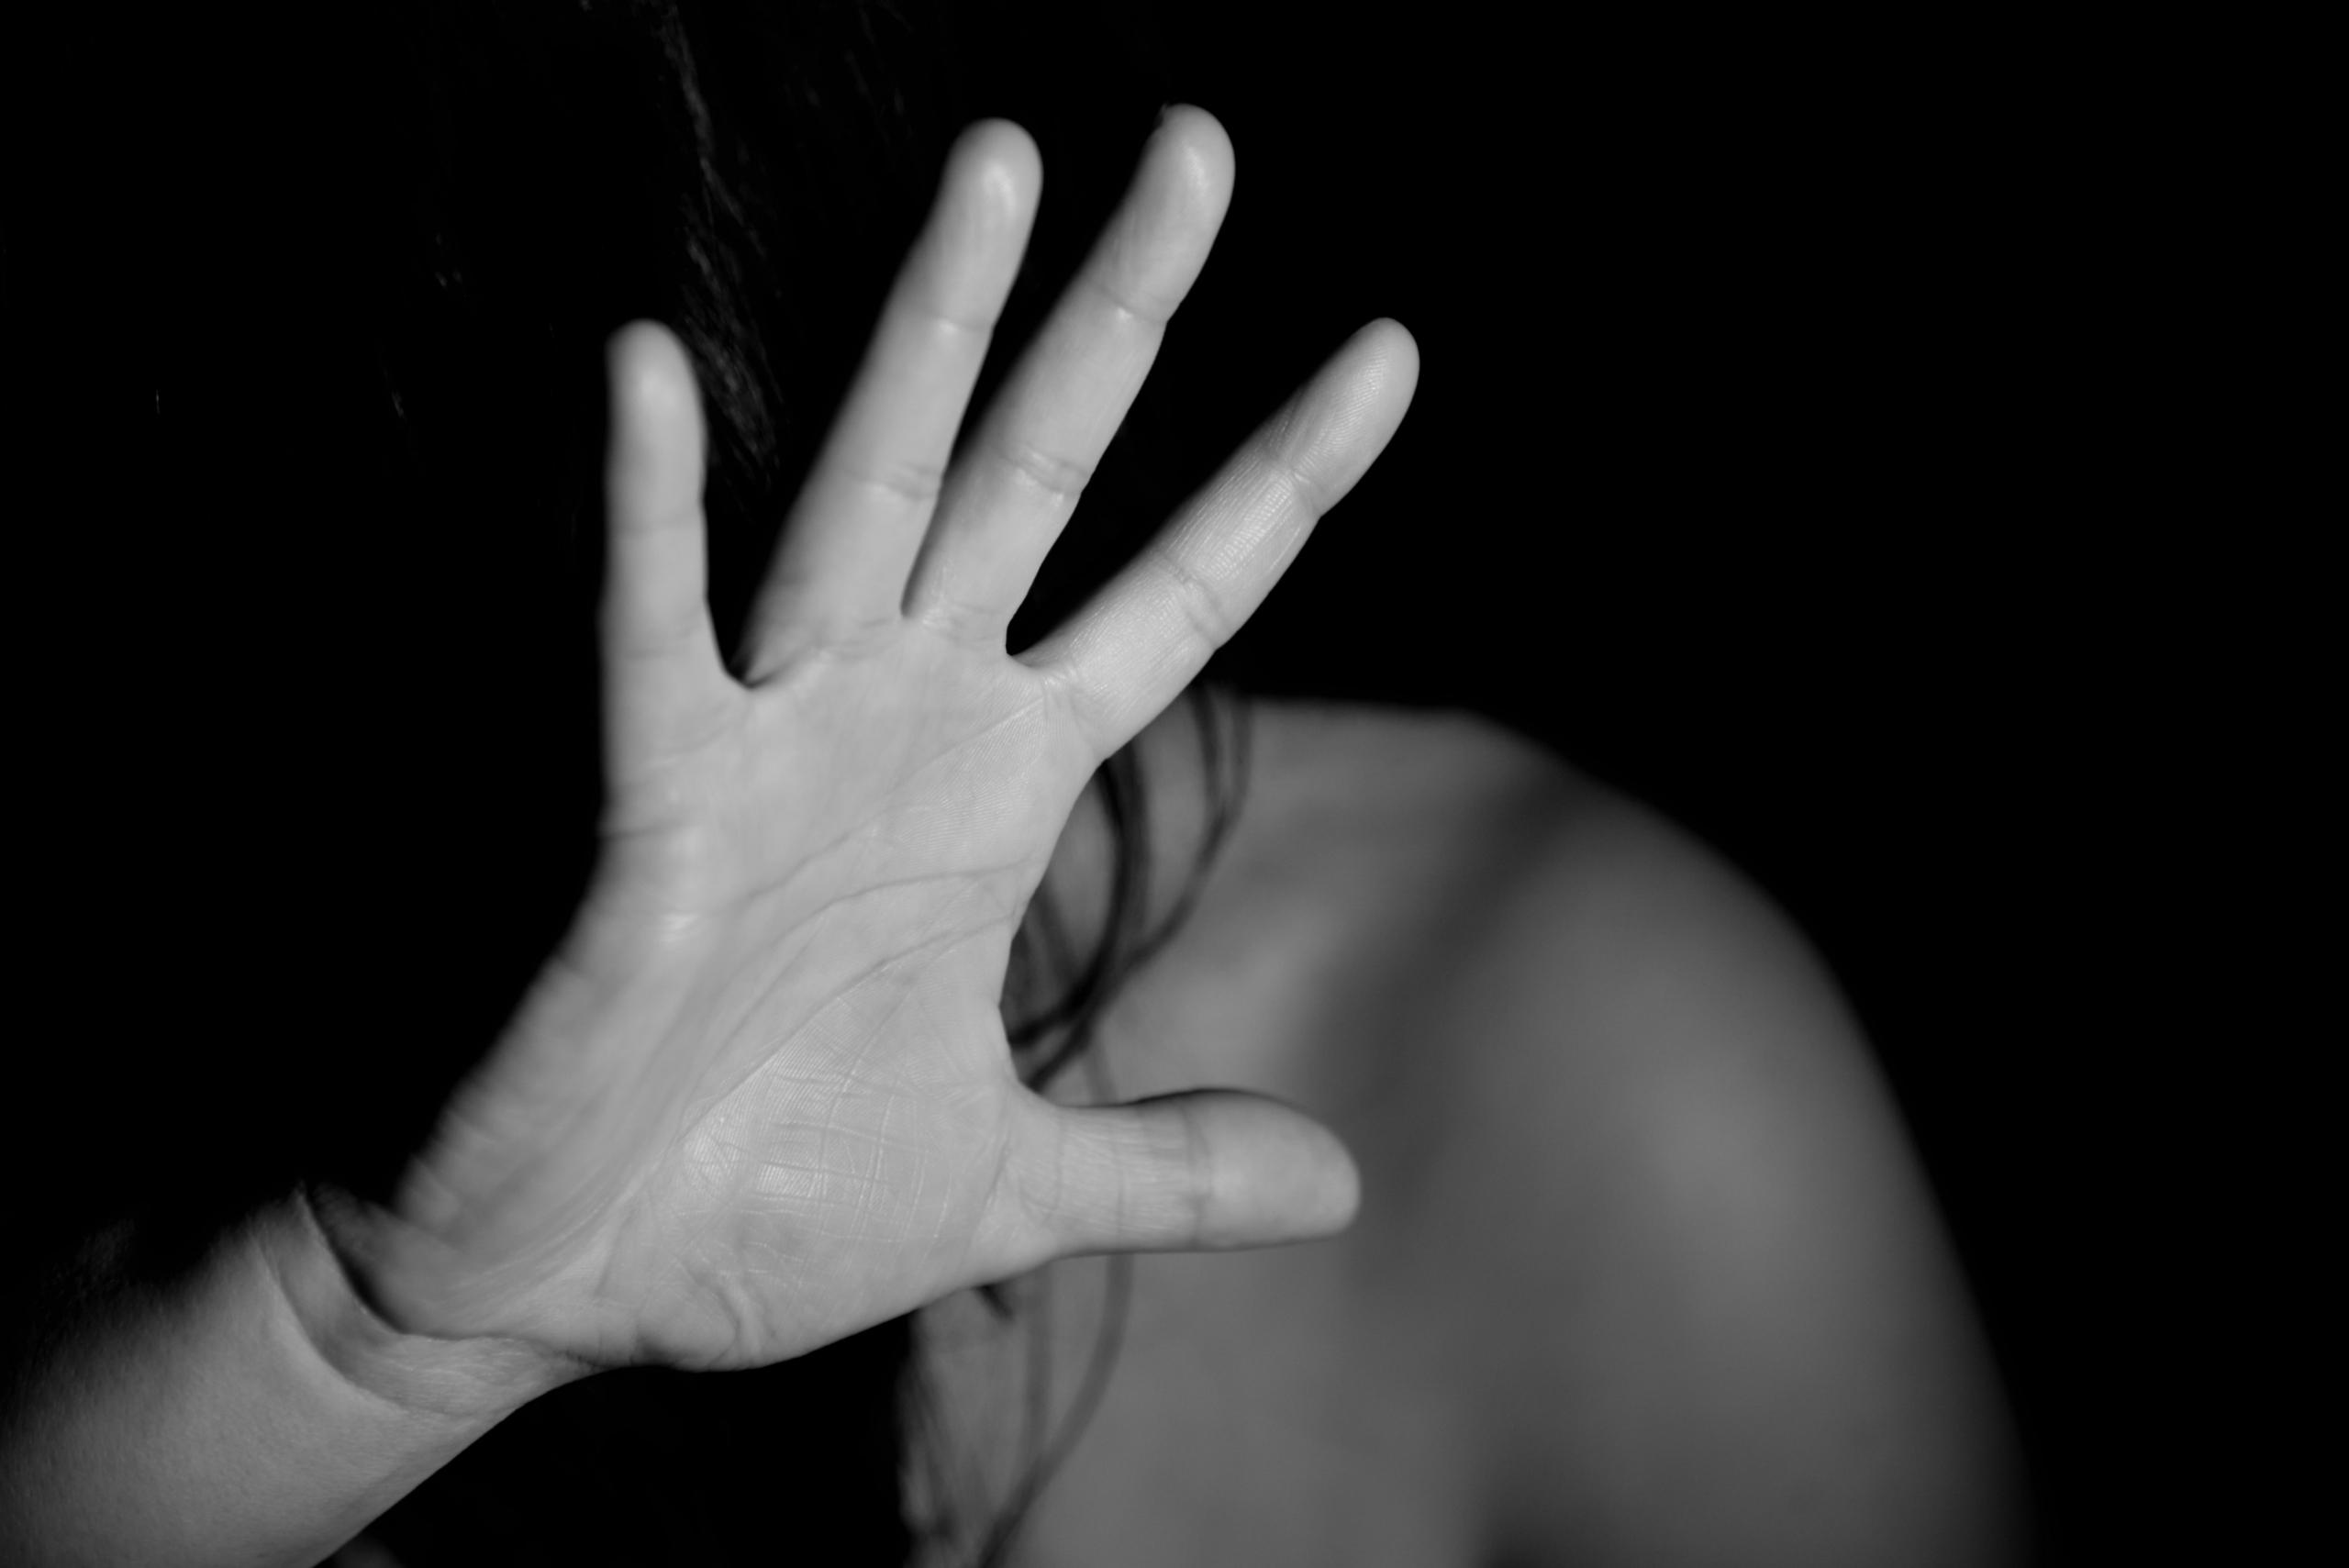 домашнє насилля